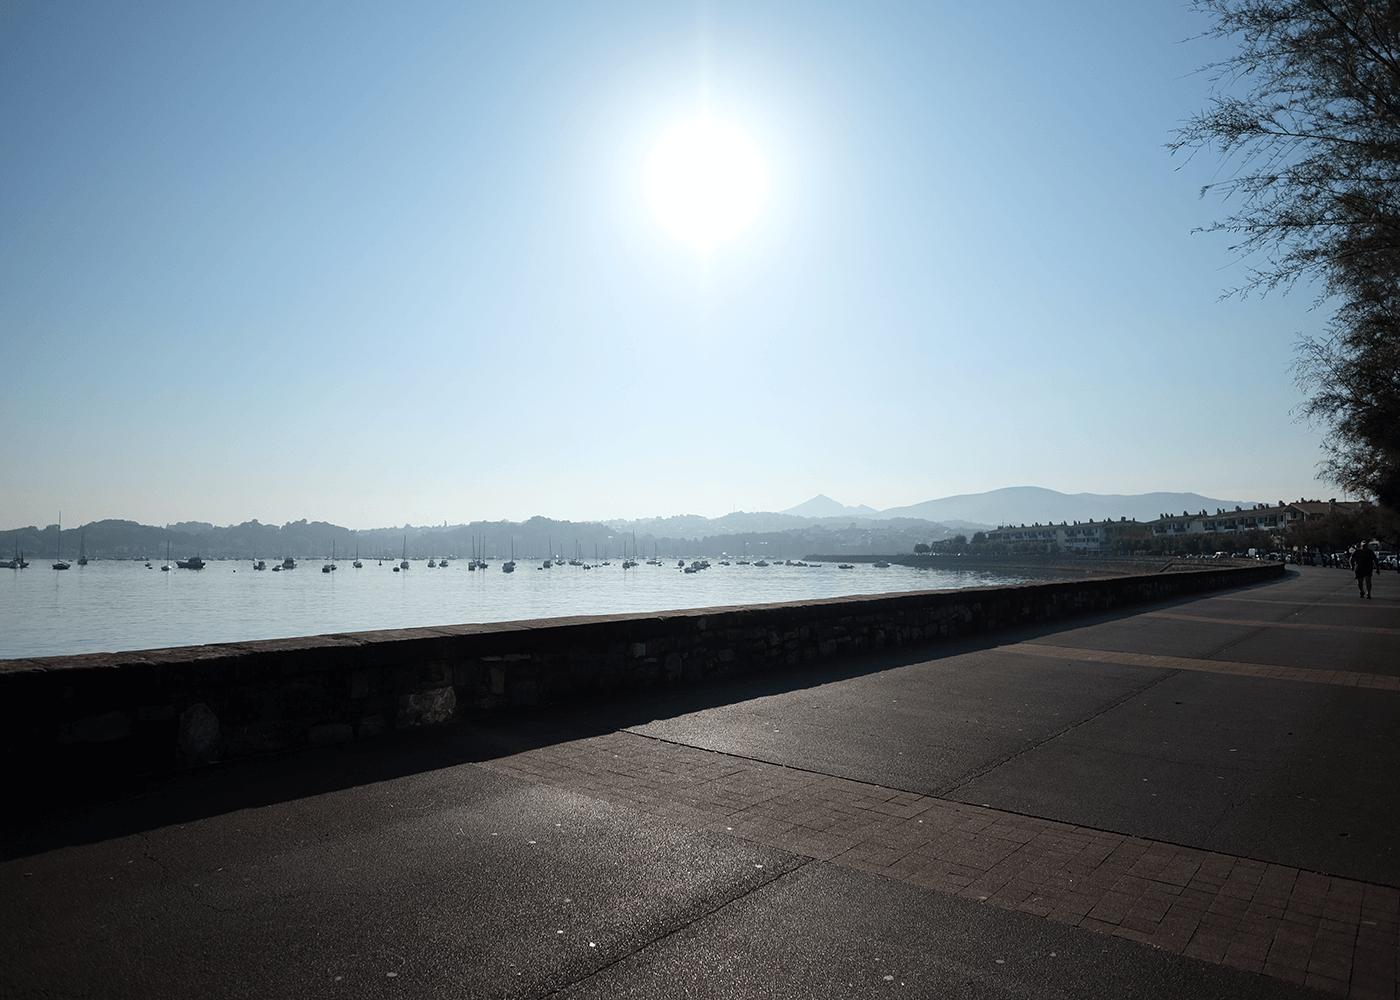 城塞都市オンダリビア(Hondarribia)の街並み